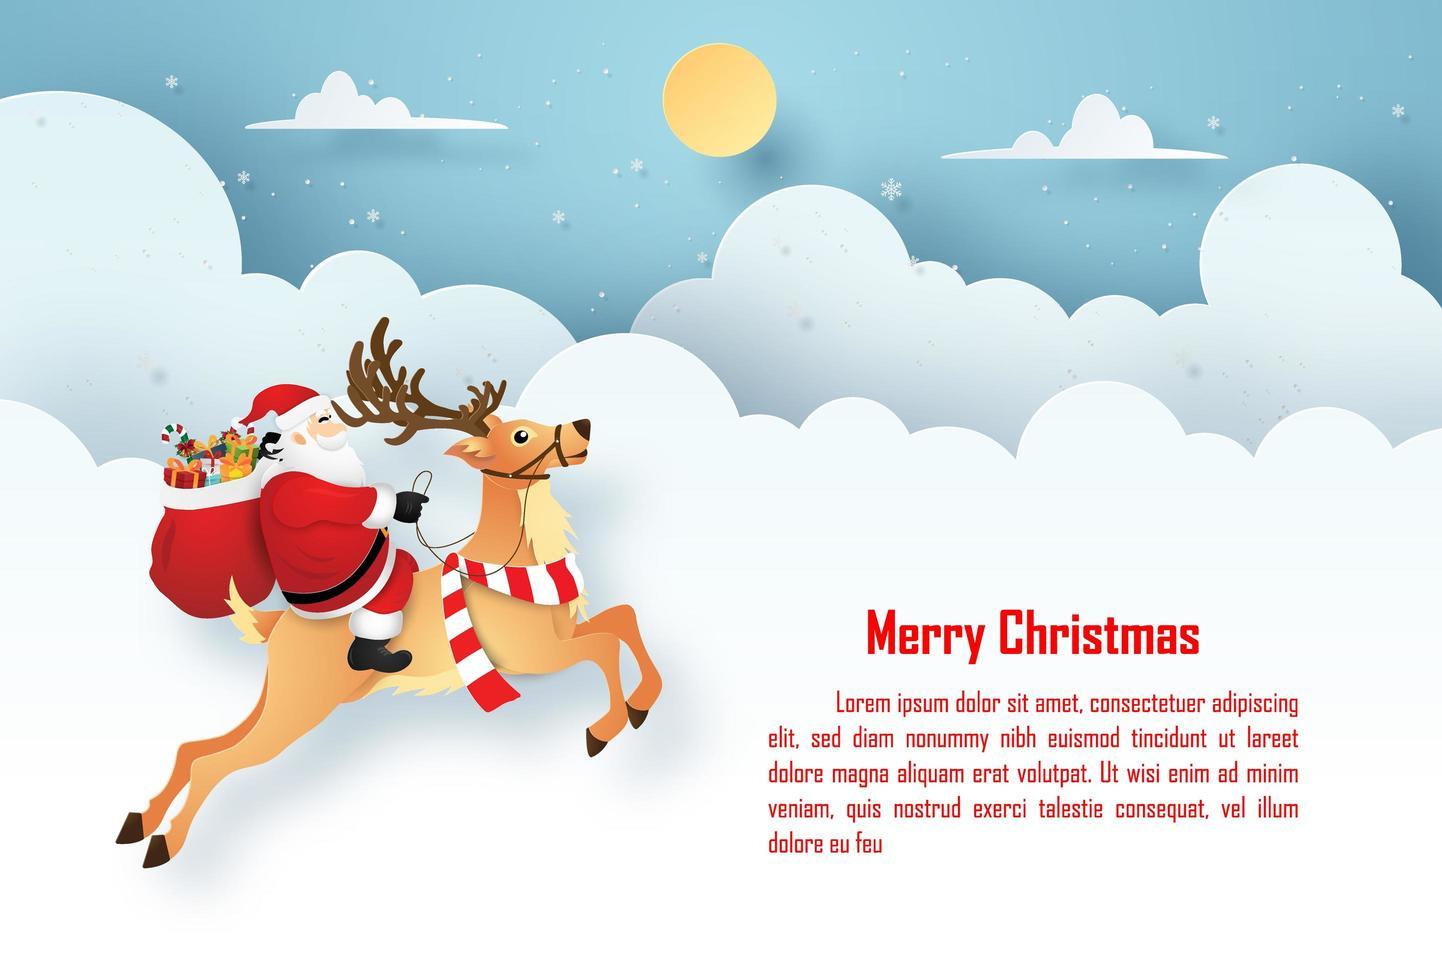 origami papel arte postal de natal papai noel e renas no céu com espaço de cópia, feliz natal e feliz ano novo vetor